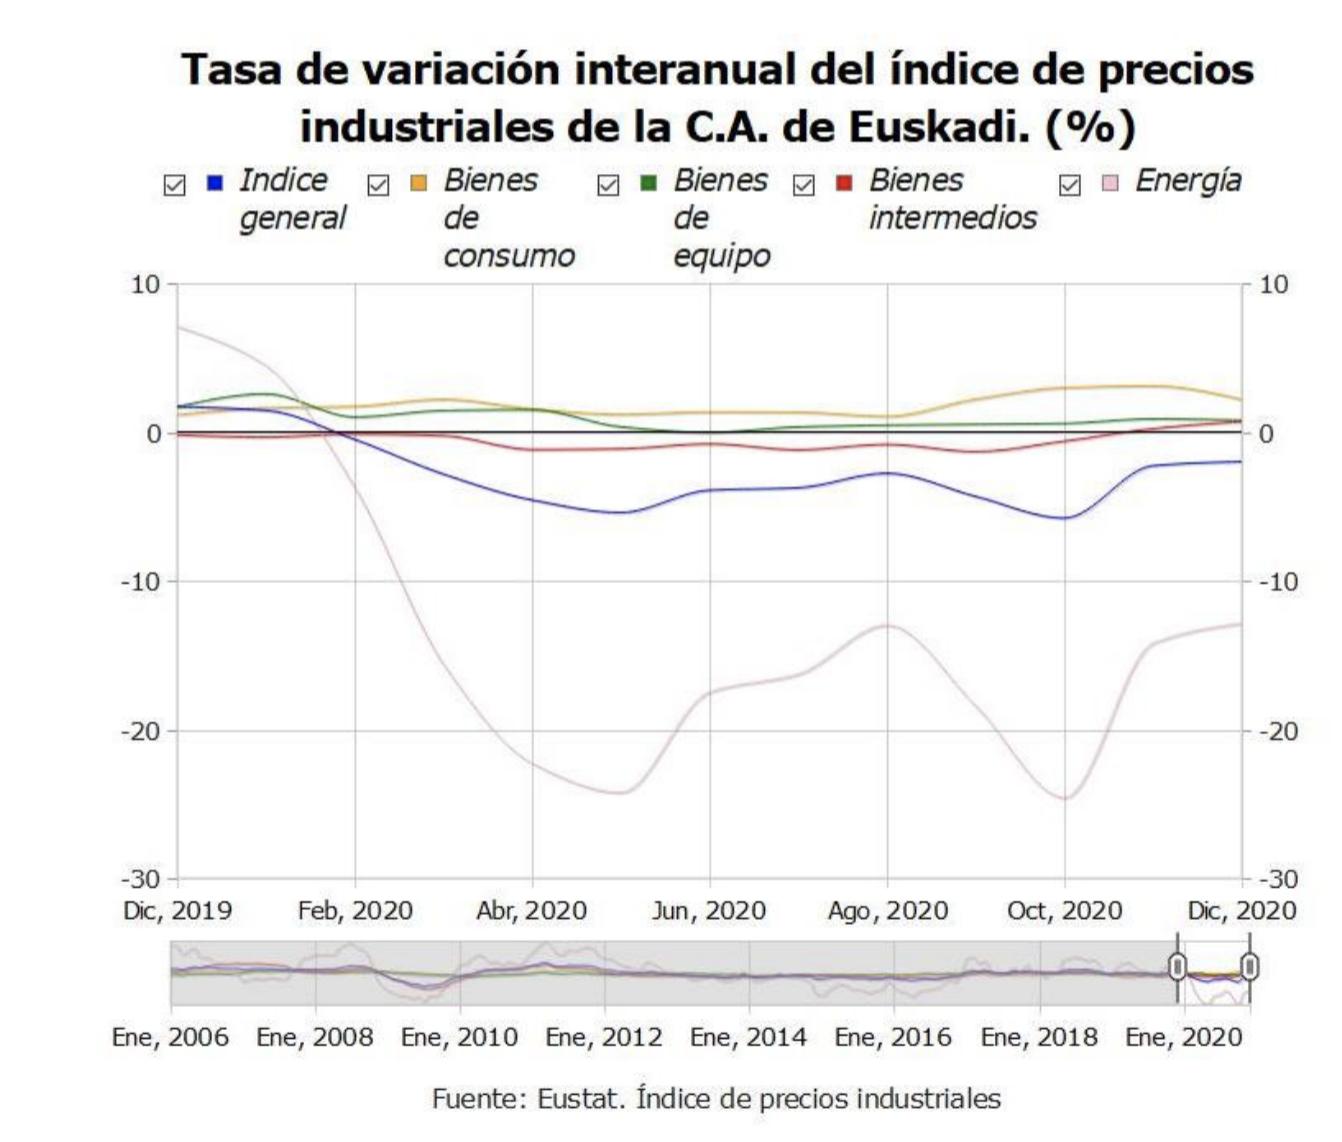 Los precios industriales de Euskadi suben un 0,6% en el mes de diciembre de 2020 en relación al mes anterior 1